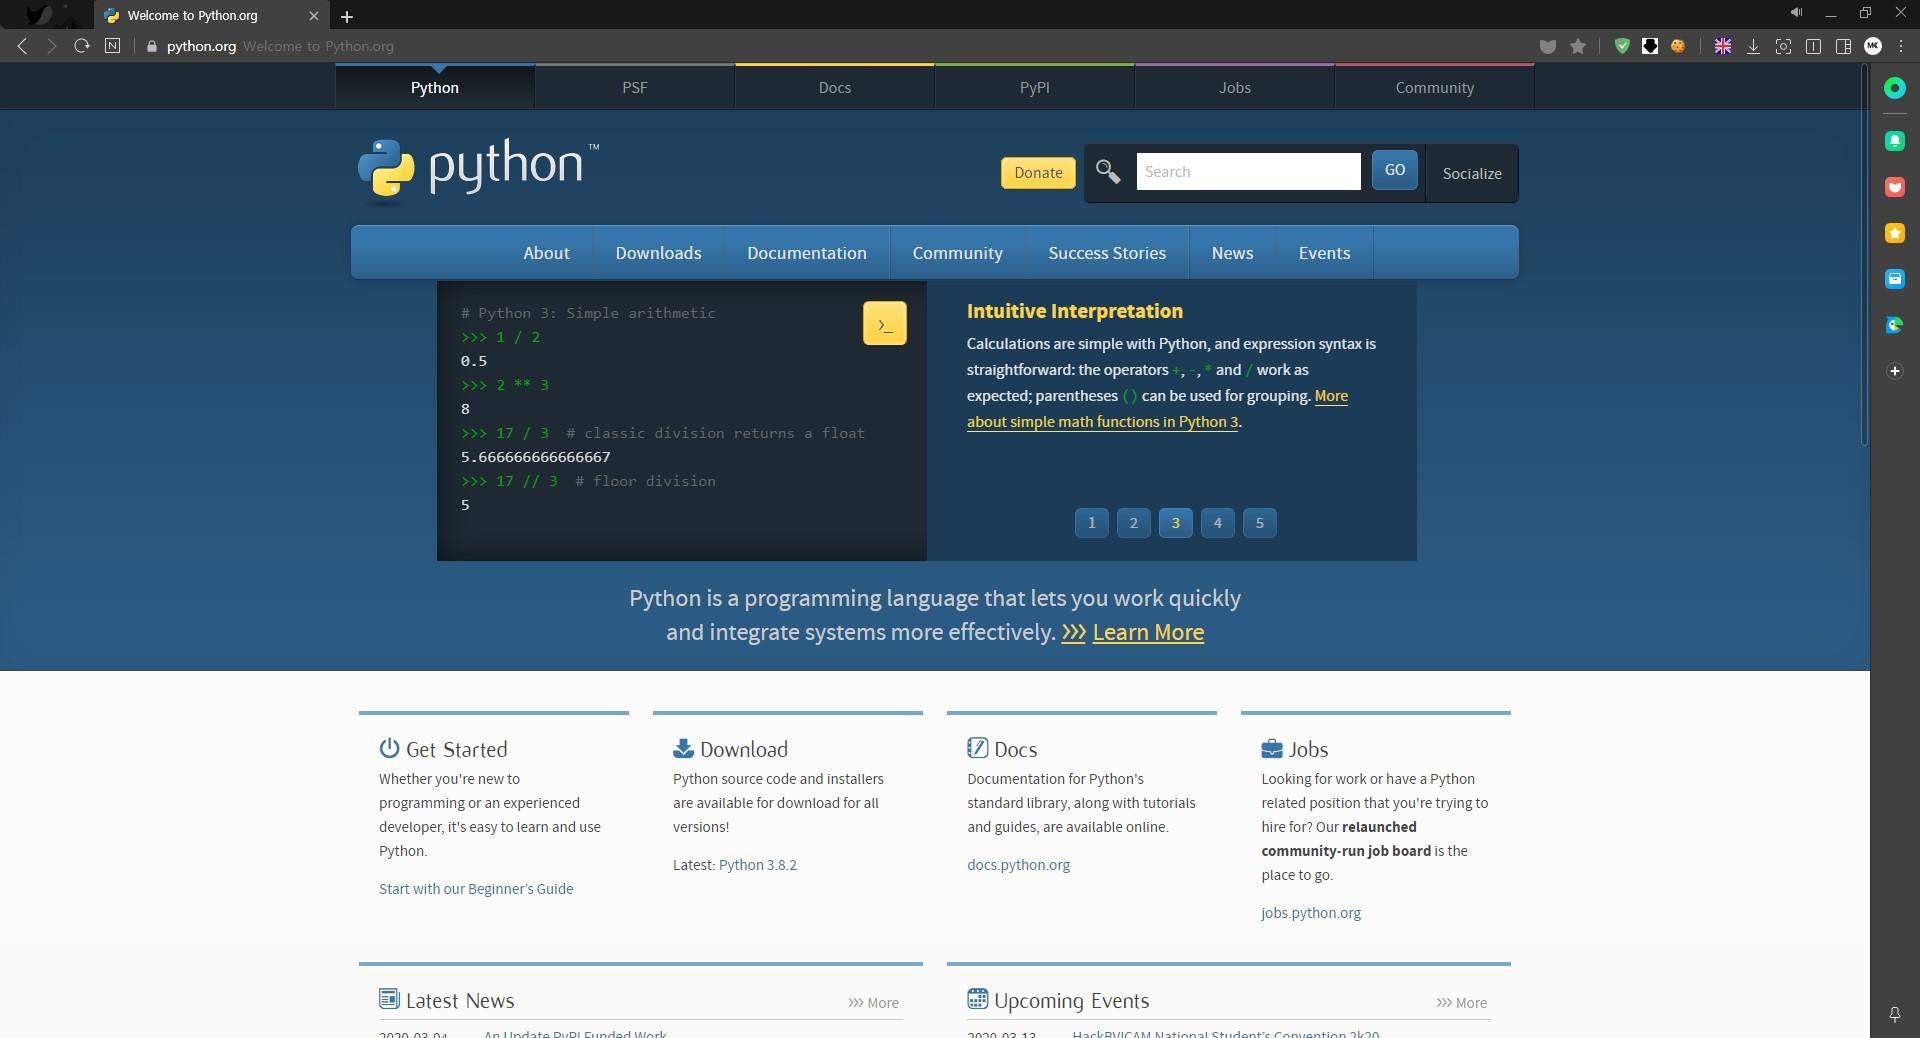 파이썬 공식 홈페이지